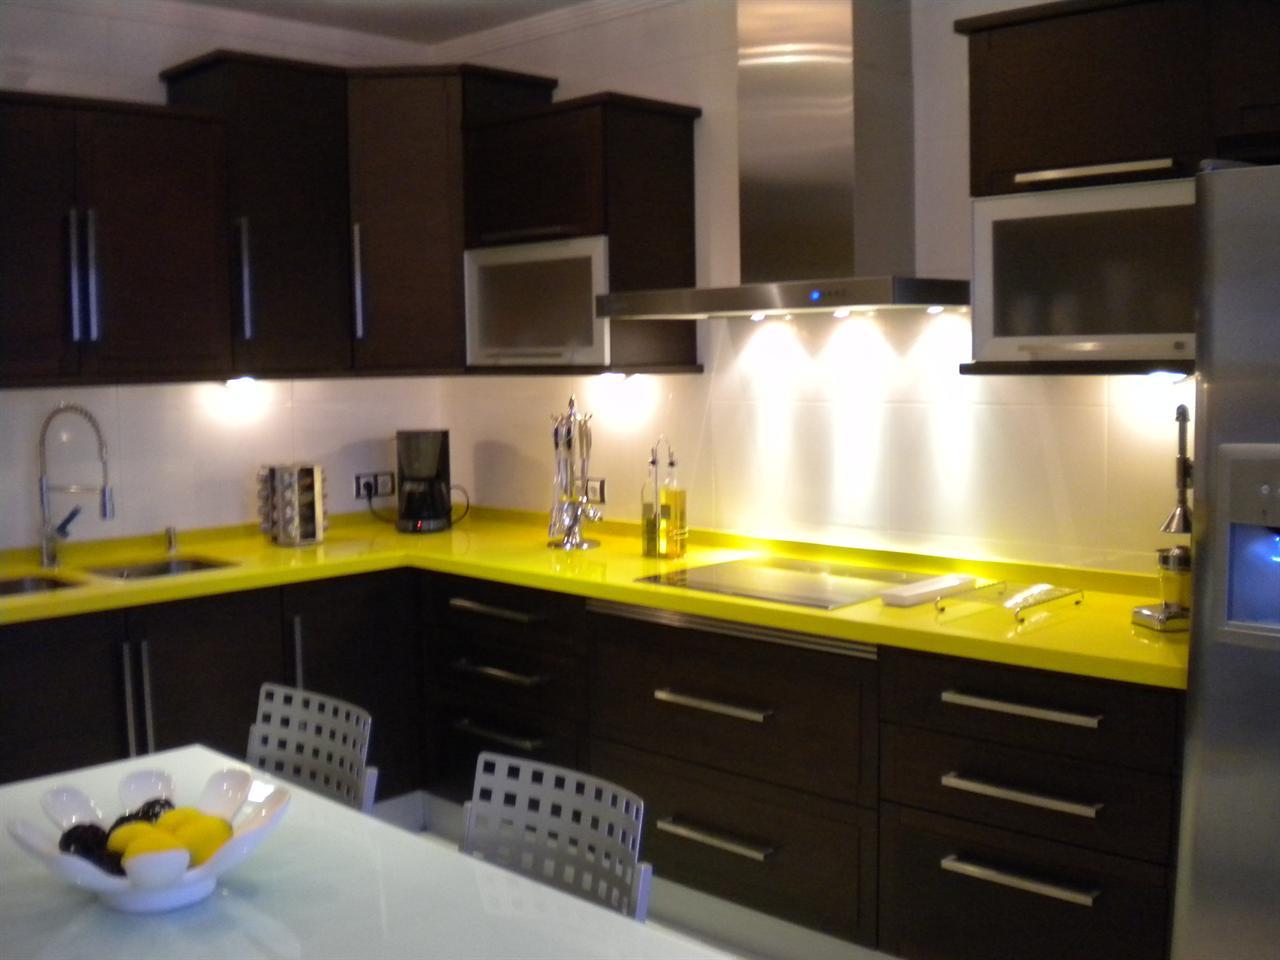 Cocinas mari carmen venta y montaje de muebles de cocina - Muebles de cocina en ciudad real ...